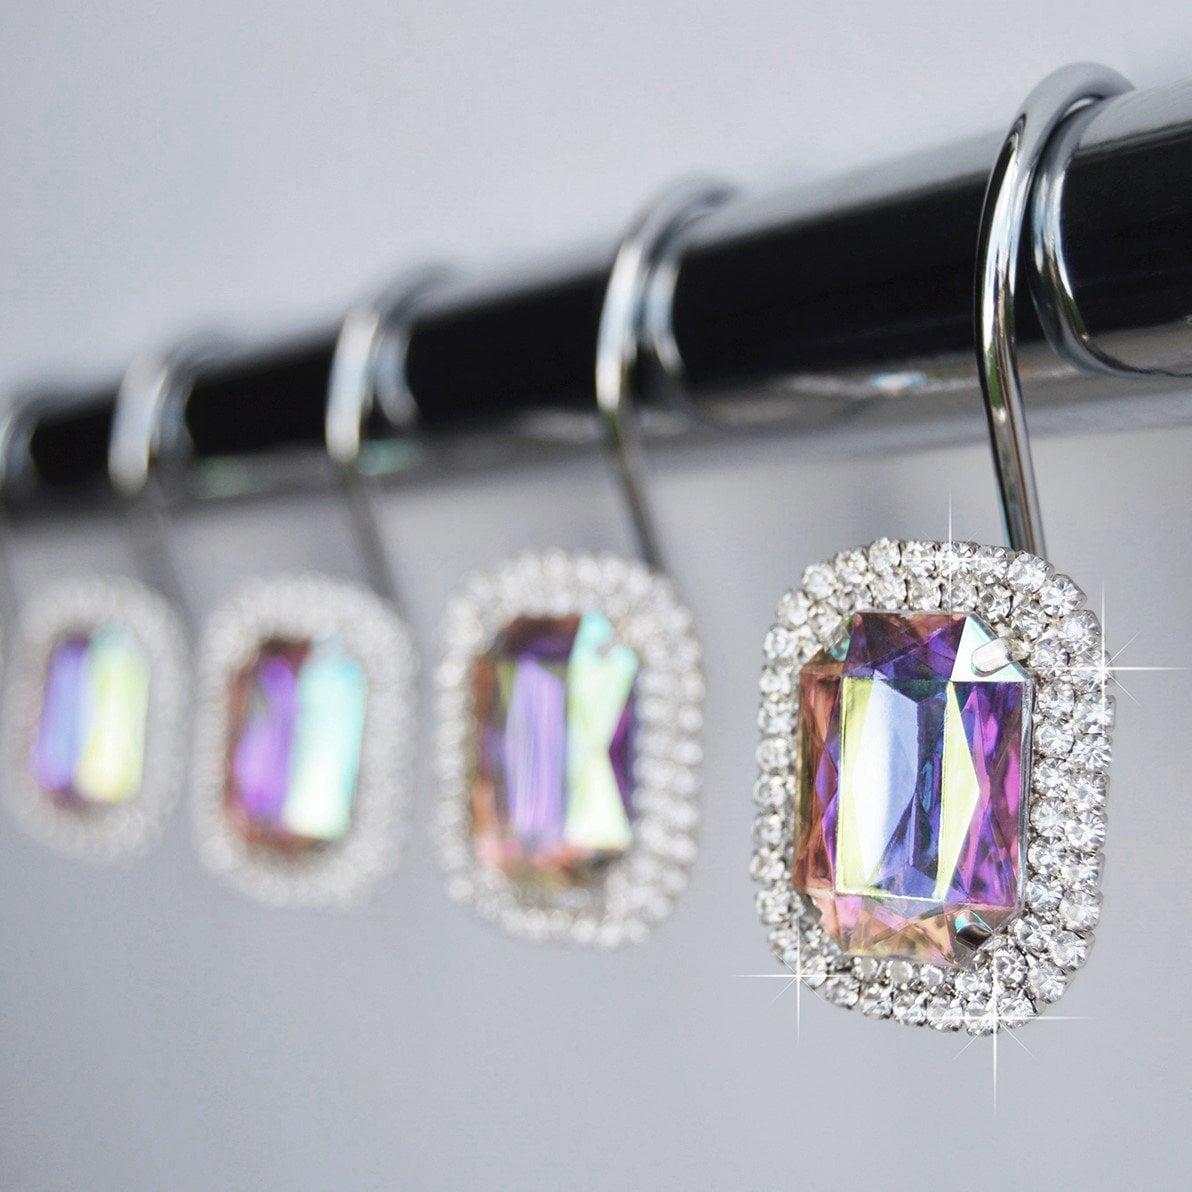 Shower Curtain Hooks Rings Luxurious Ab Multi Color Rainbow Iridescent Decorative Crystal Diamond Rhinestone Bathroom Set Of 12